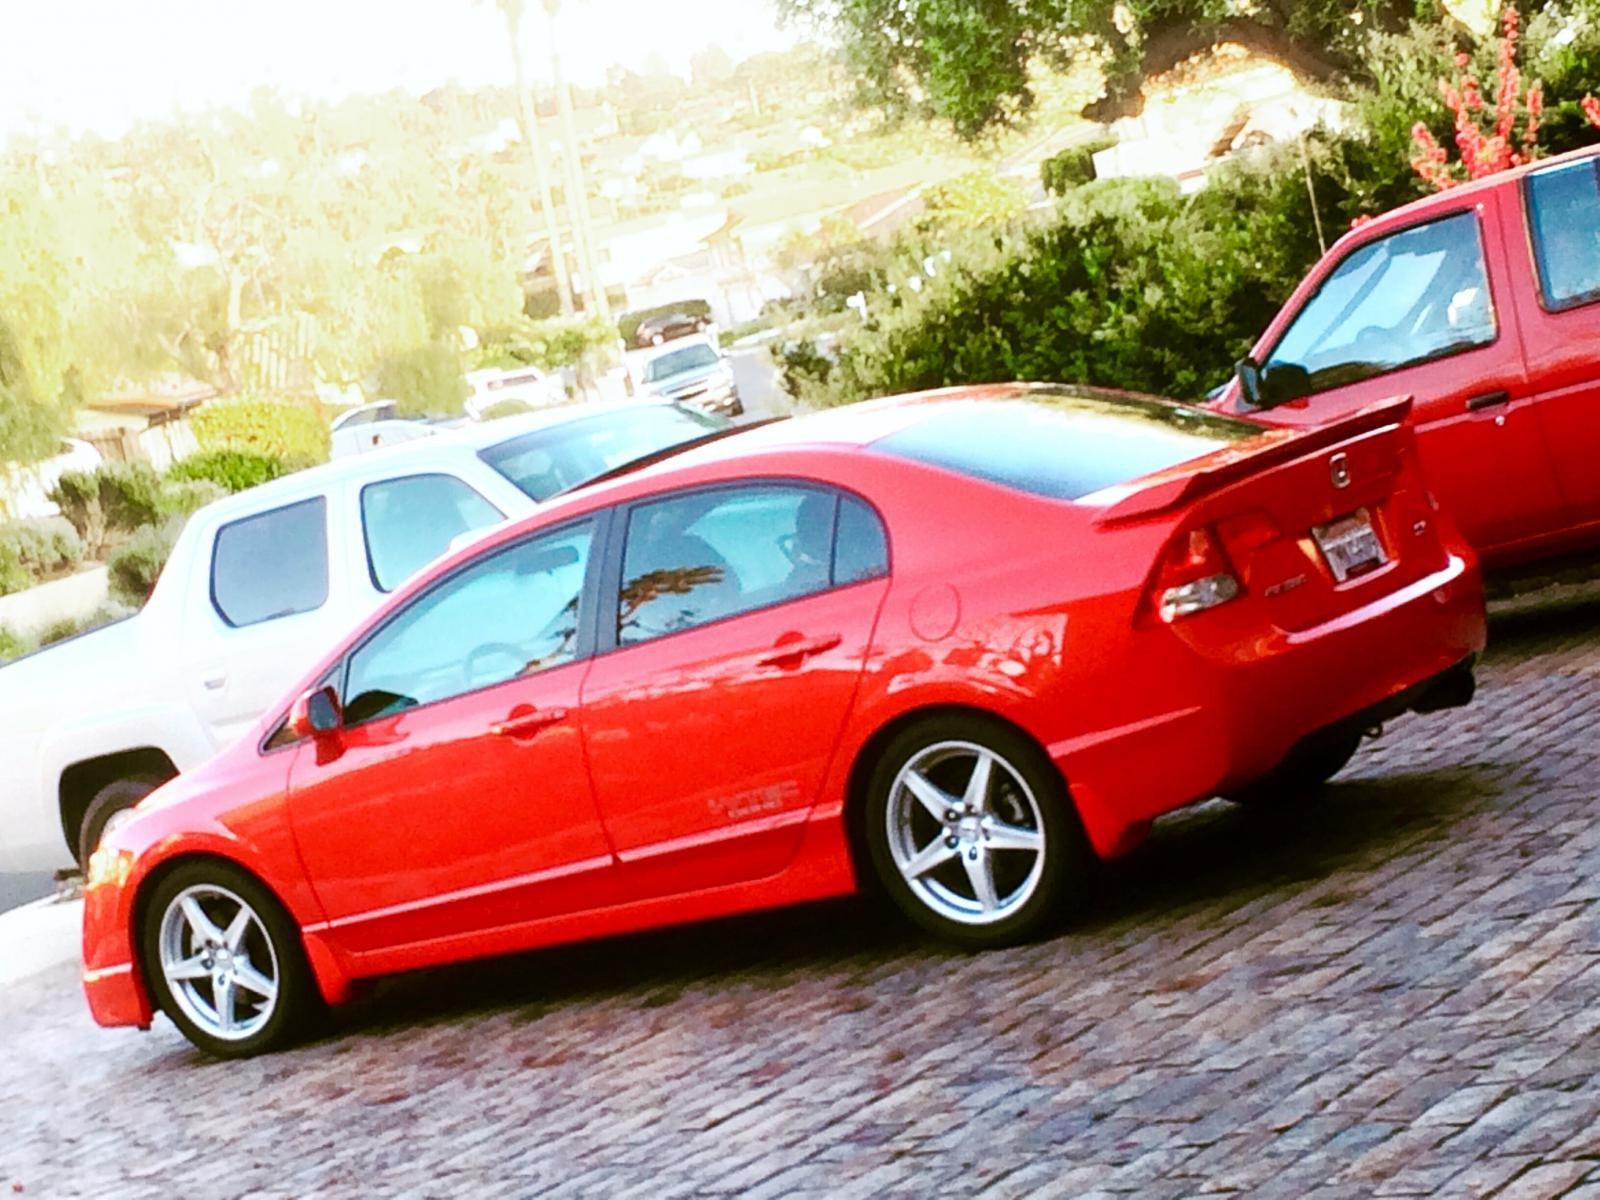 Rallye Red-flaps.jpg